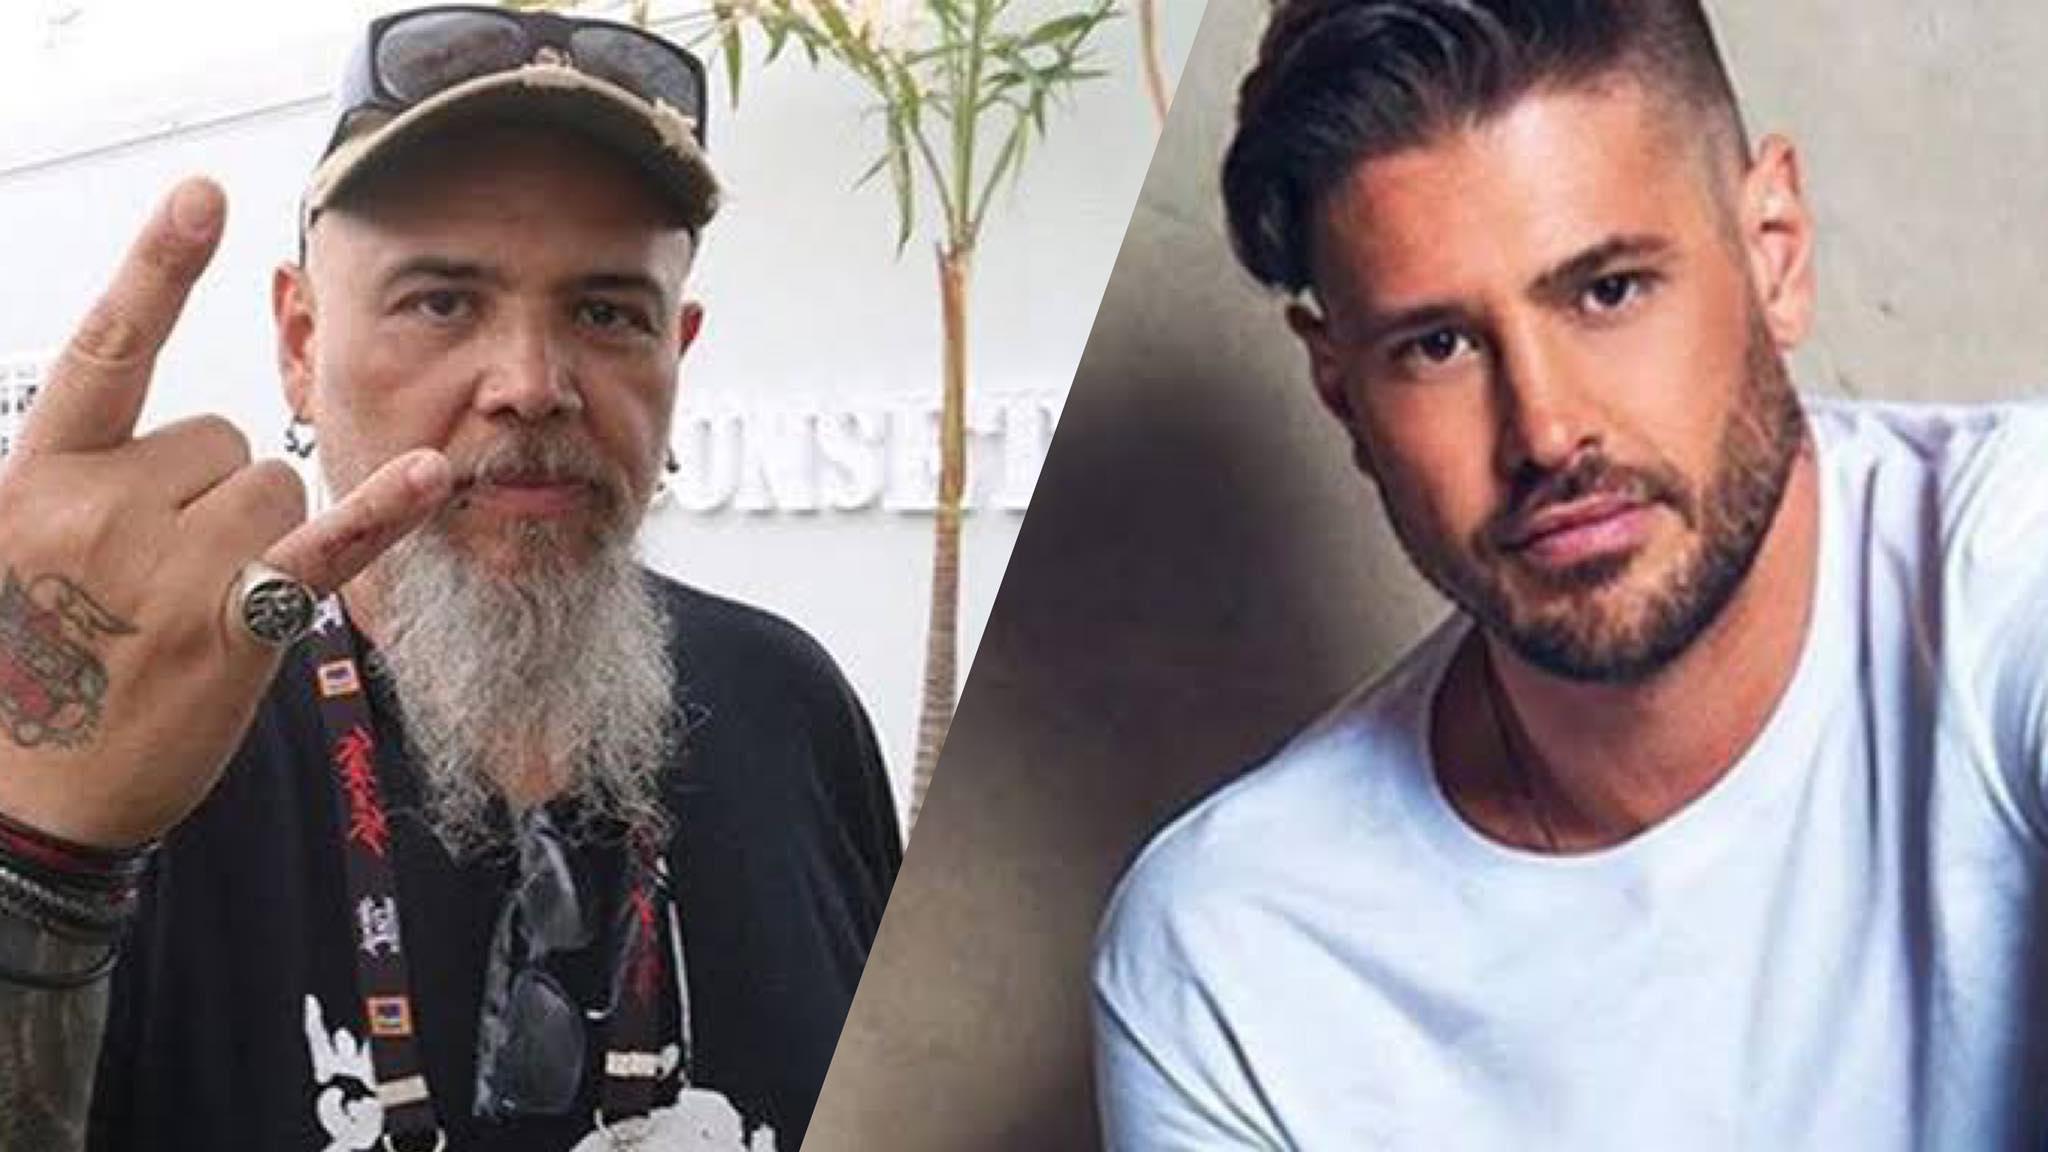 Dado e João Gordo são veganos e buscam uma vida saudável (montagem: Fashion Bubbles)